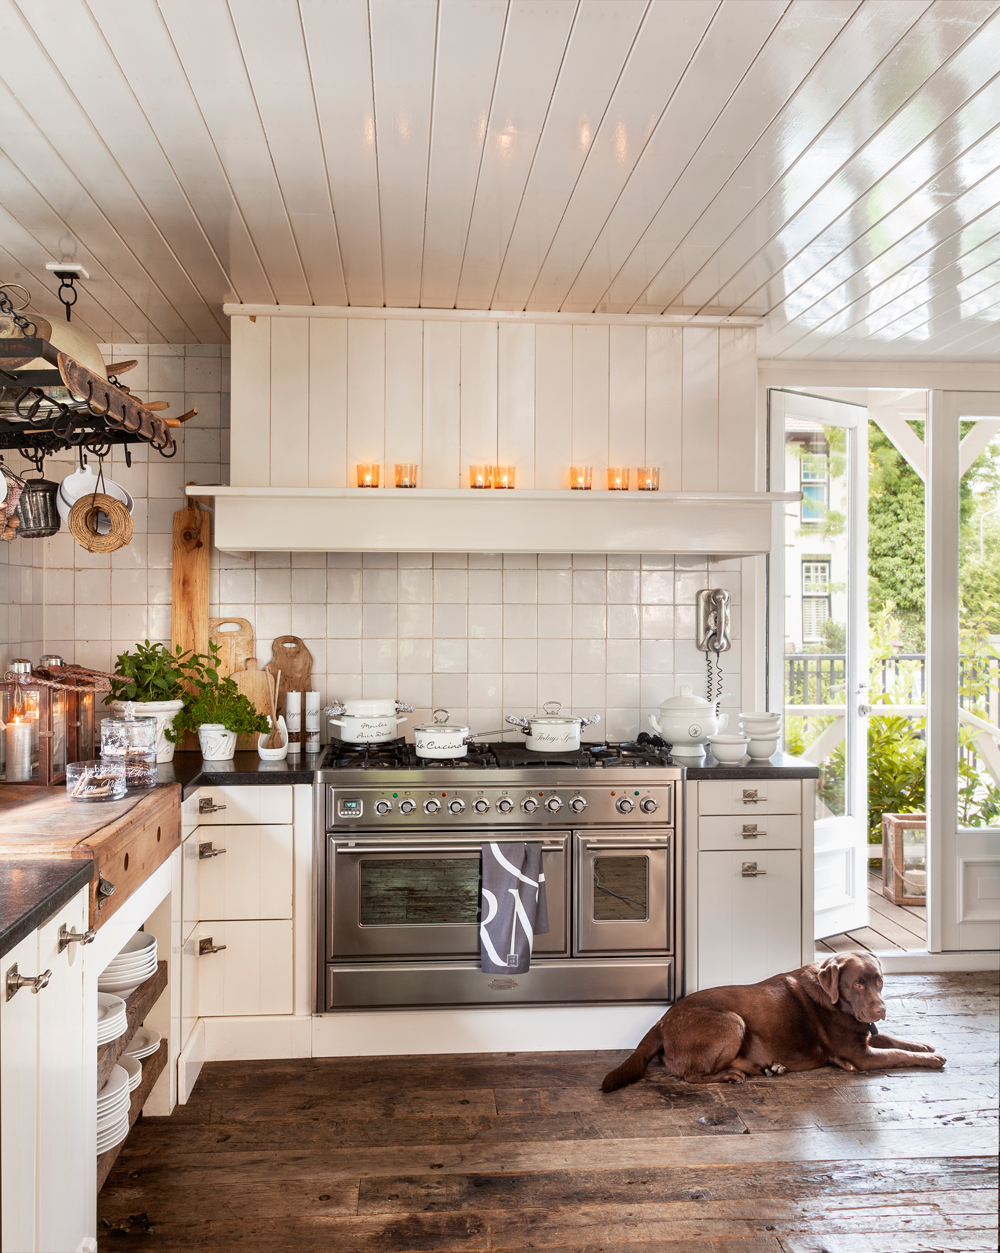 Las 10 cosas que debe tener una cocina r stica - Suelos para cocinas rusticas ...